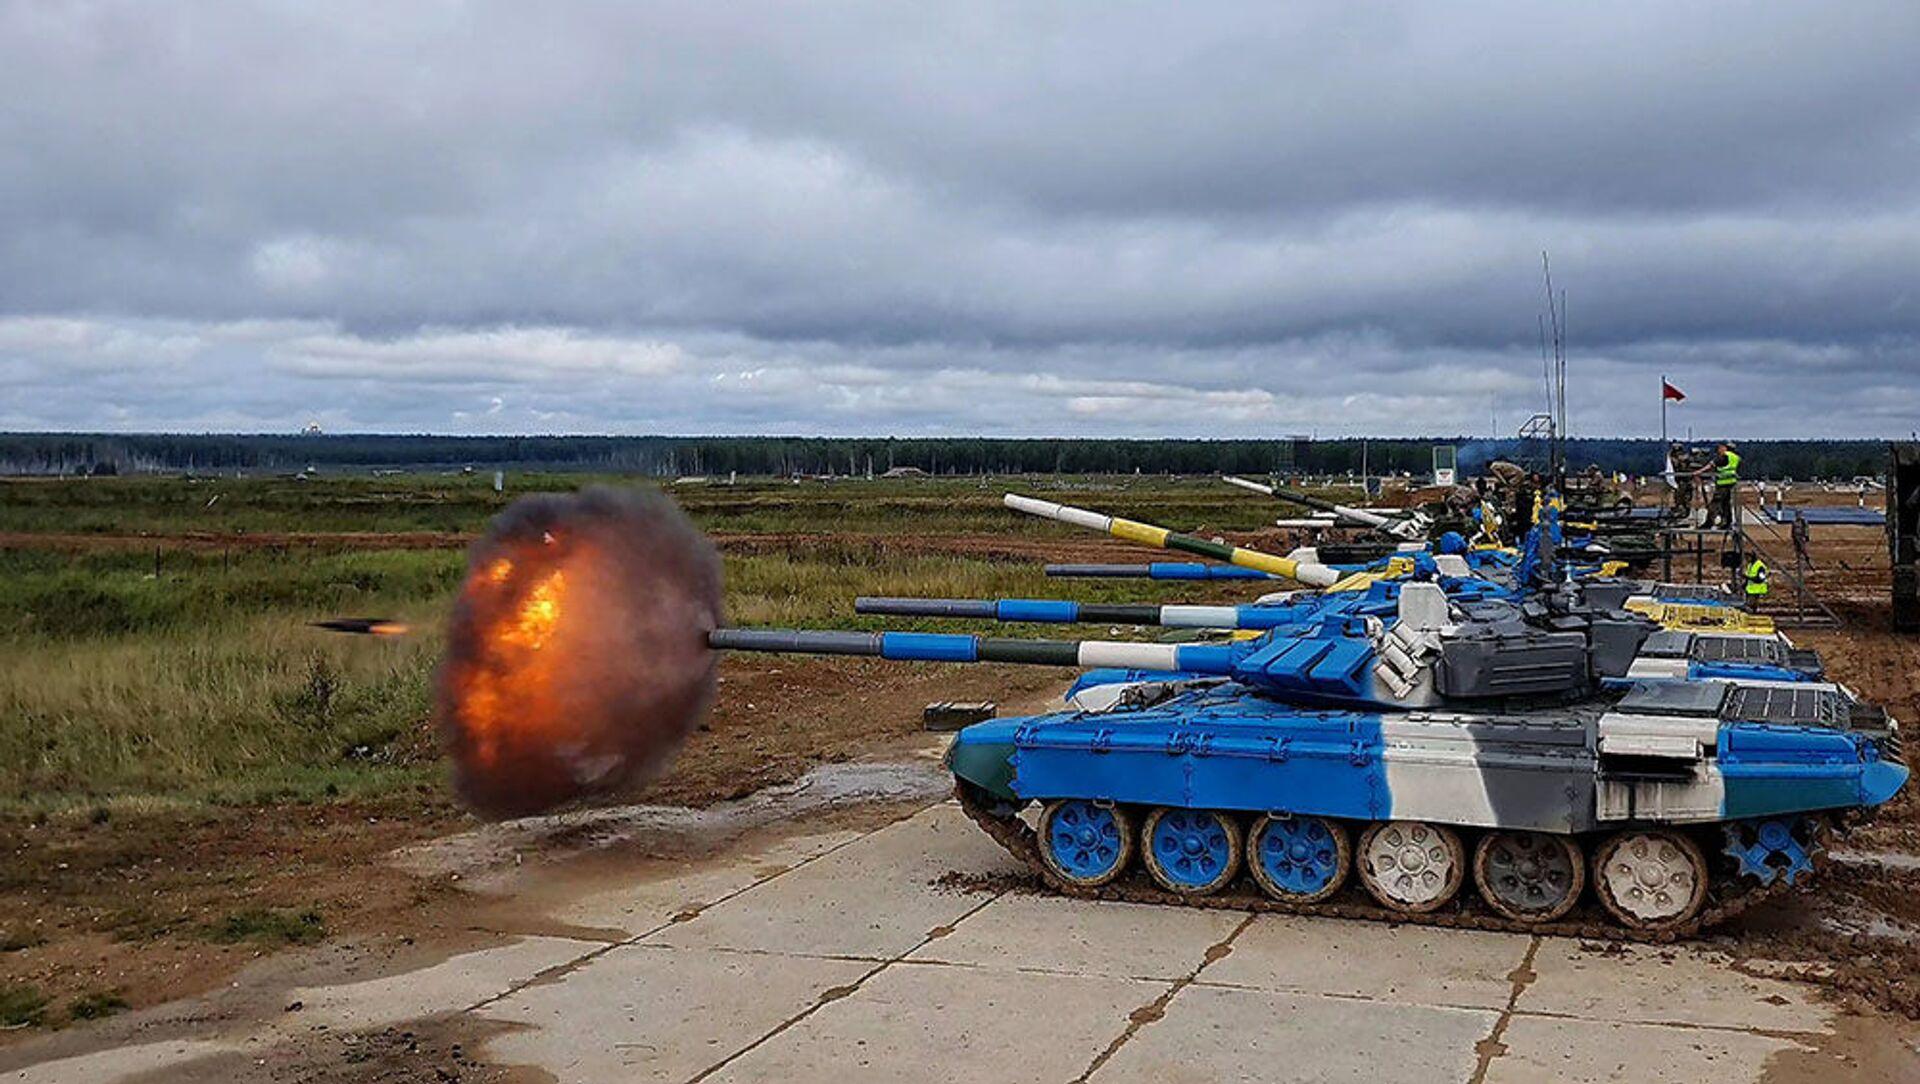 Азербайджанские танкисты продолжают подготовку к конкурсу Танковый биатлон - Sputnik Азербайджан, 1920, 19.08.2021